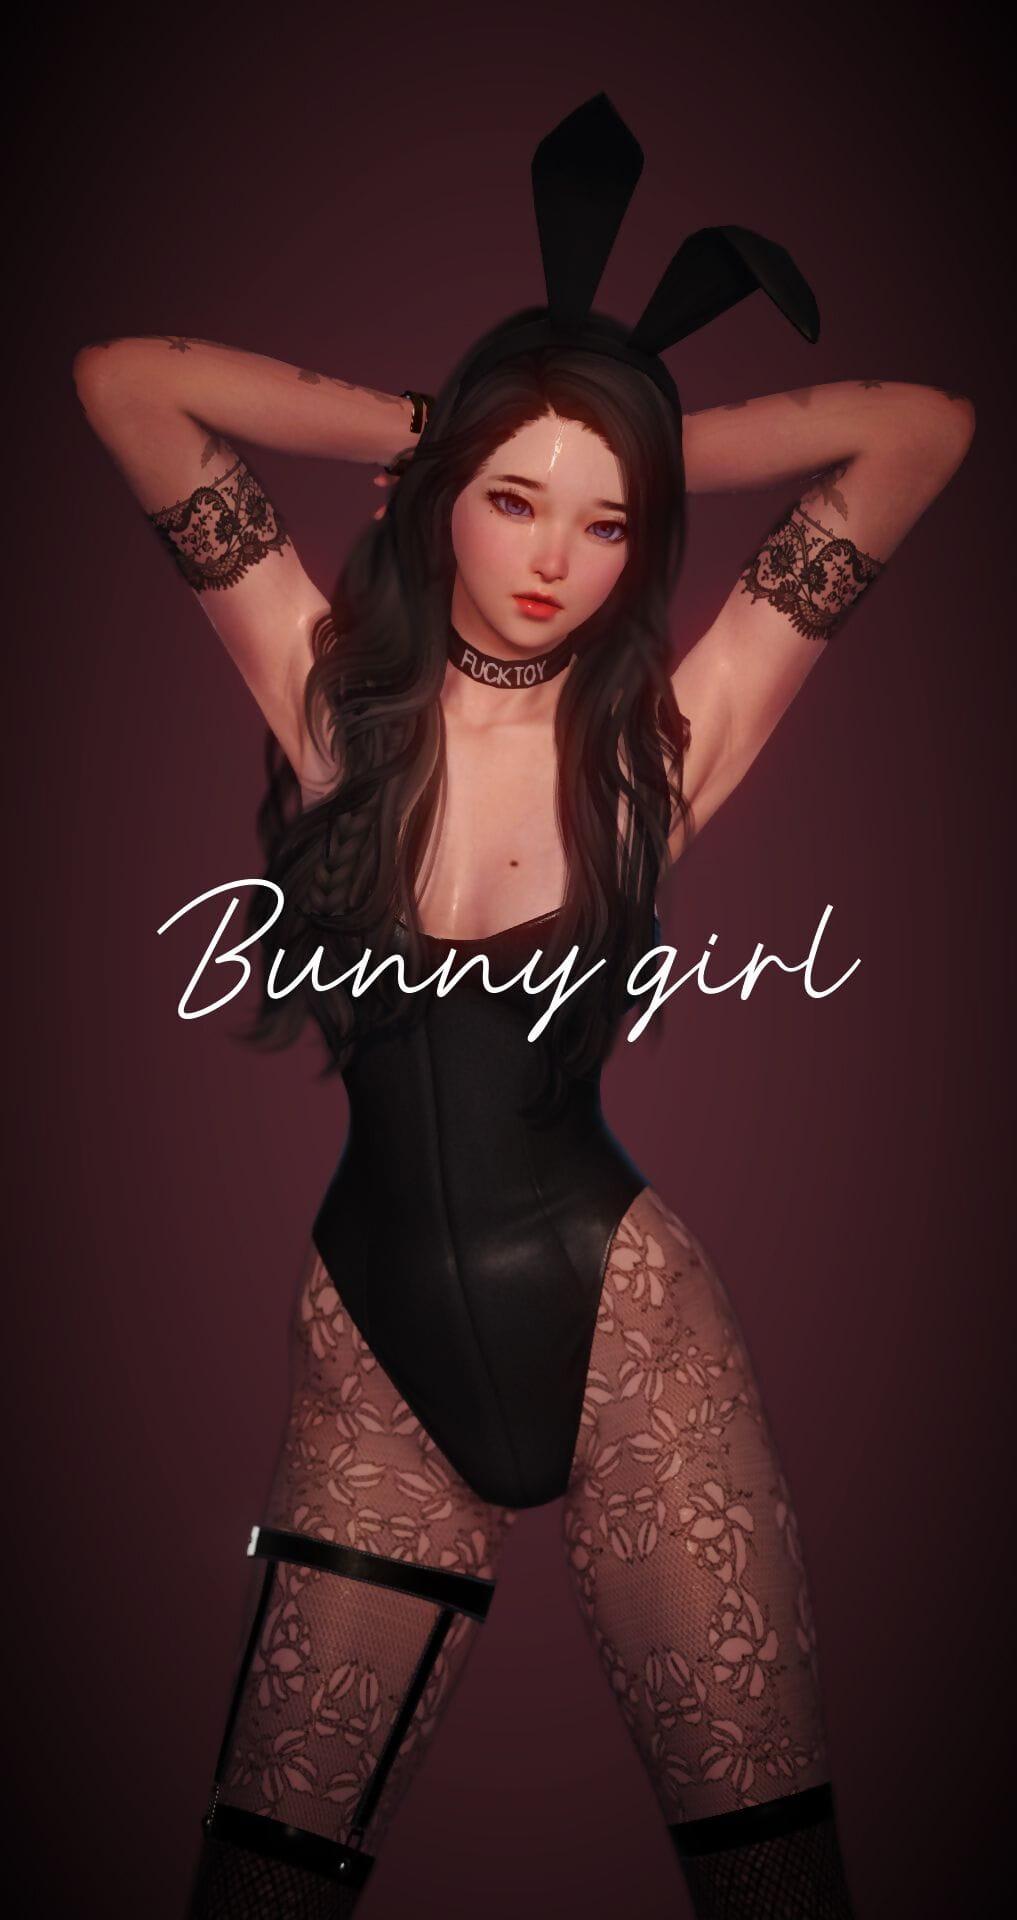 Man-made Fucktoy Bunnygirl